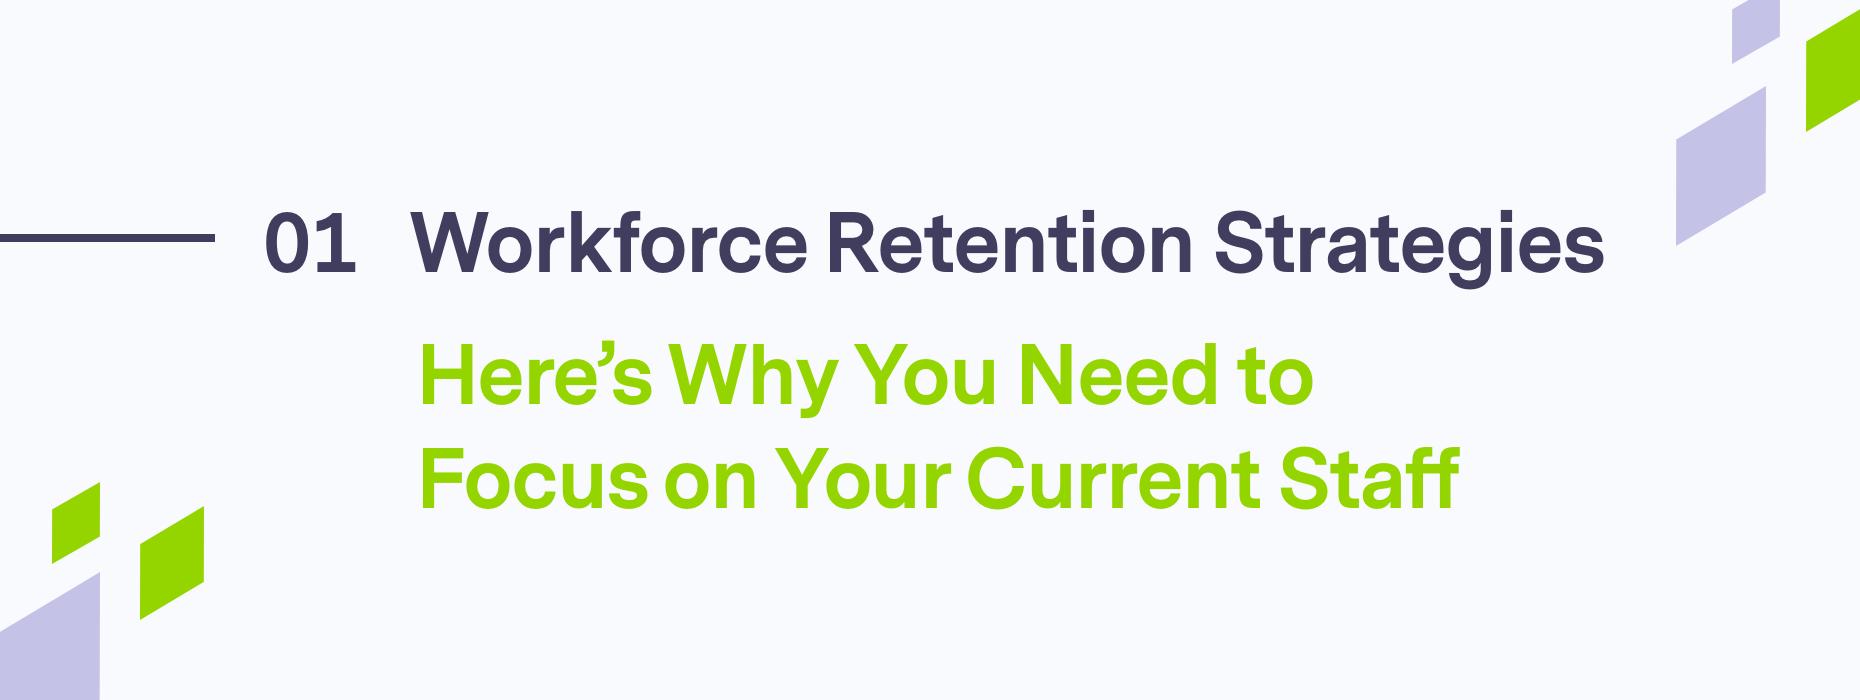 Blog header on Workforce Retention Strategies